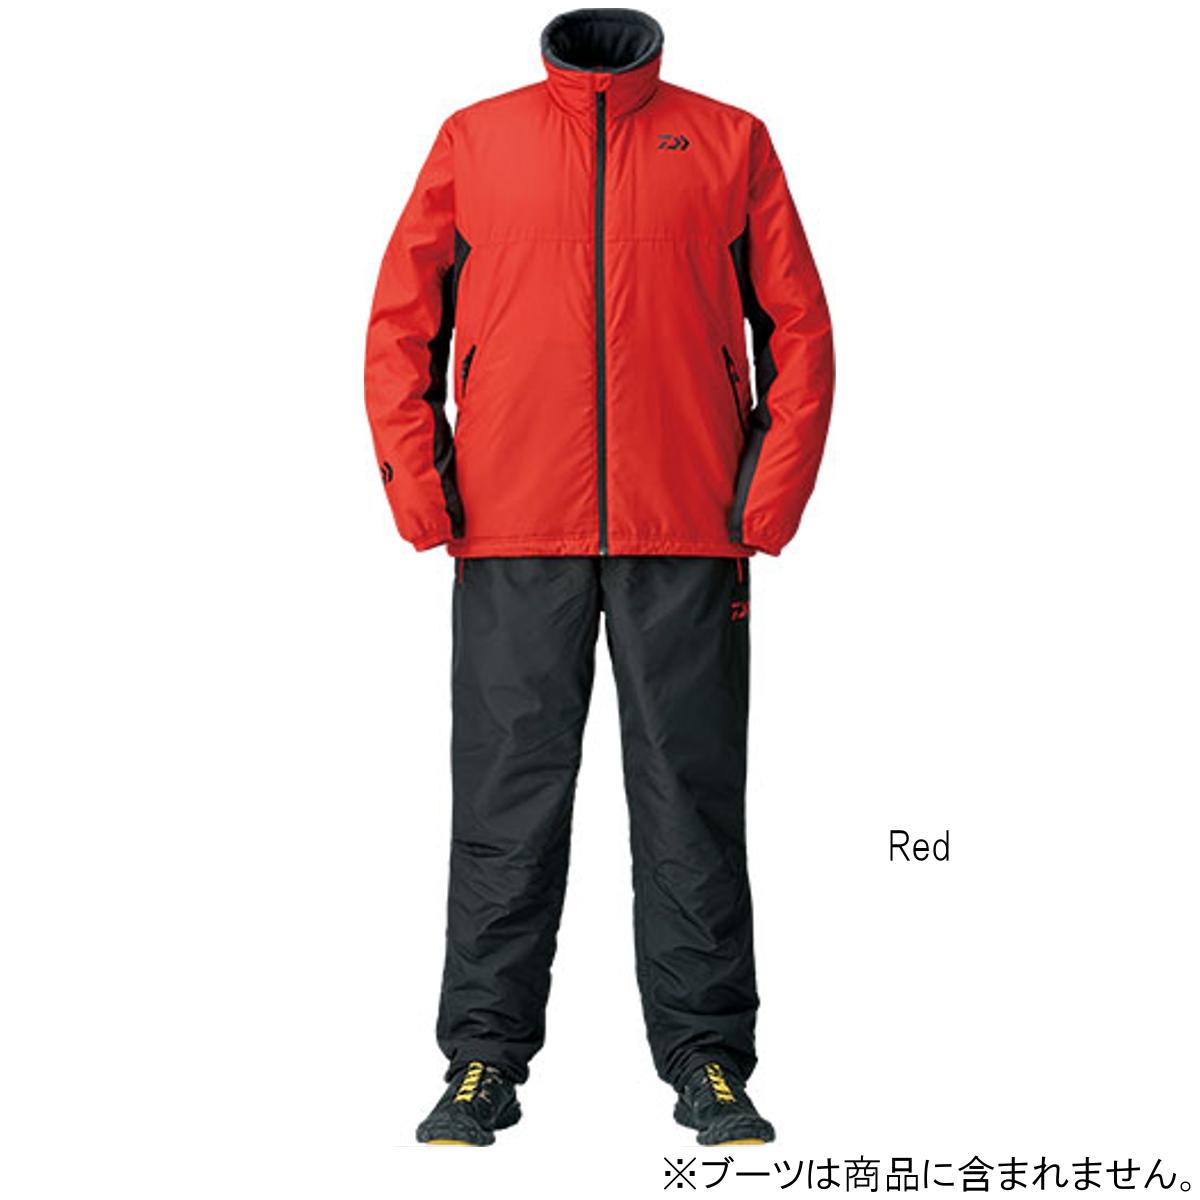 ダイワ ウォームアップスーツ DI-52008 L Red(東日本店)